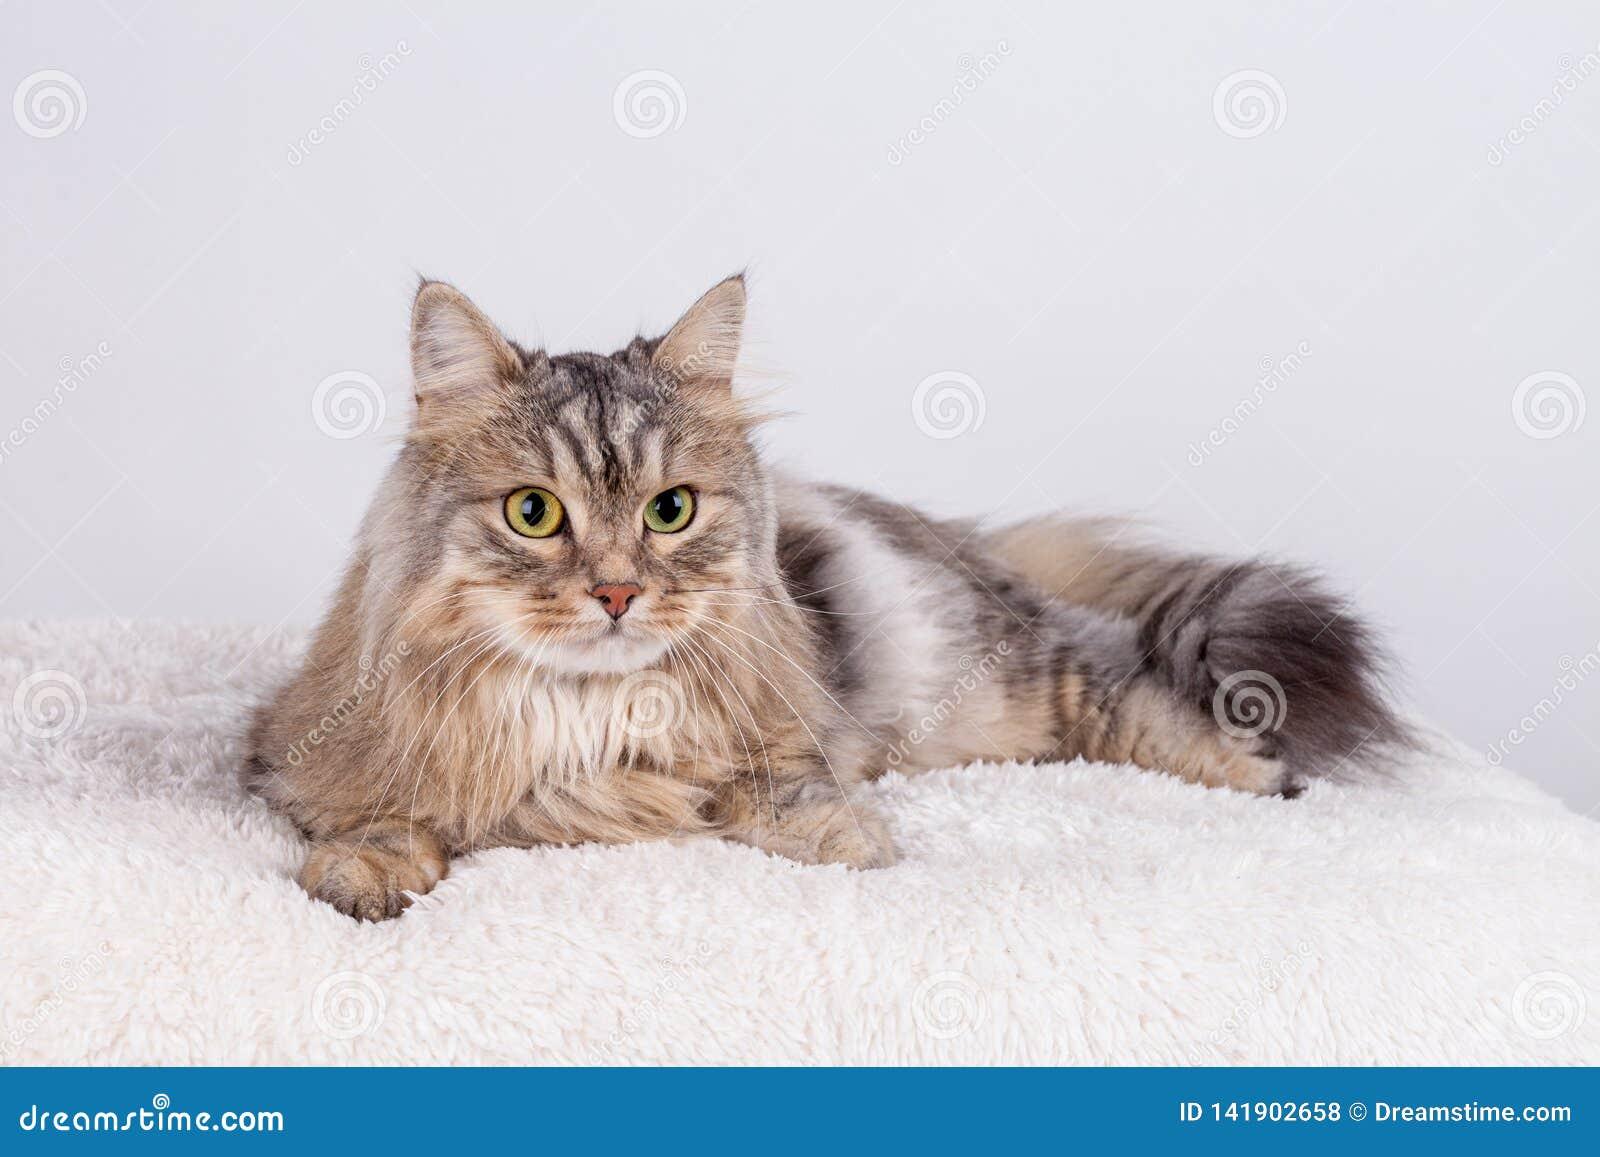 Сибирский кот выглядит передним